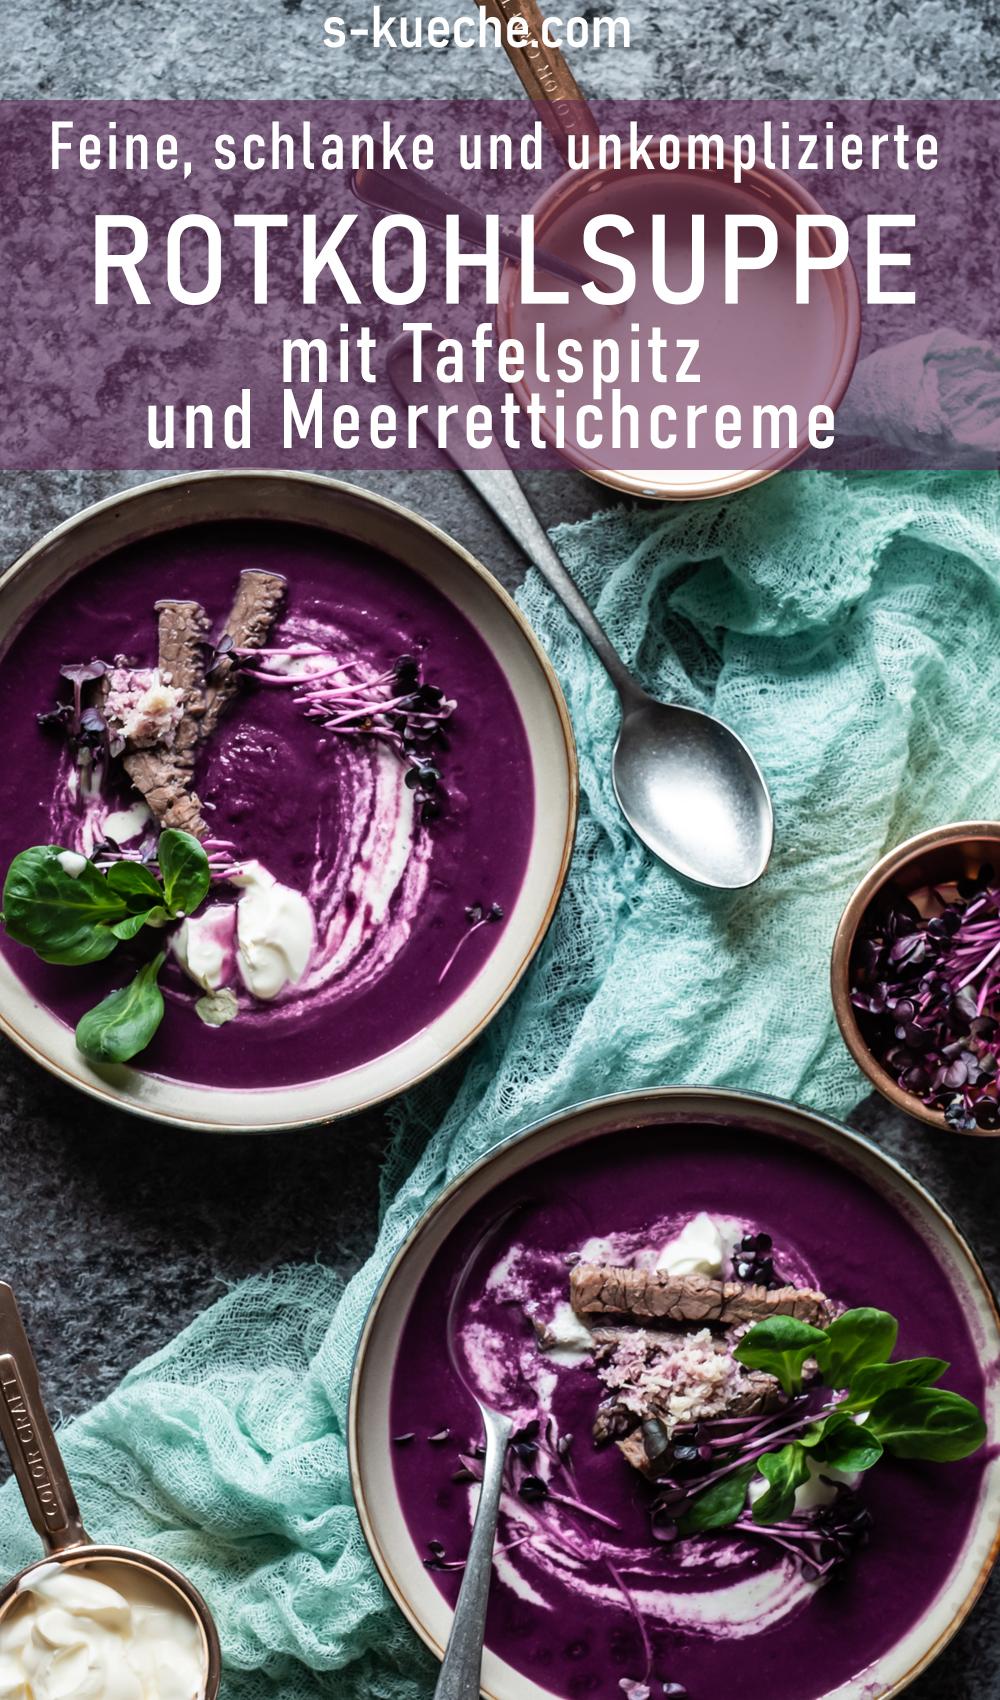 Rotkohlsuppe mit Tafelspitz und Meerrettich